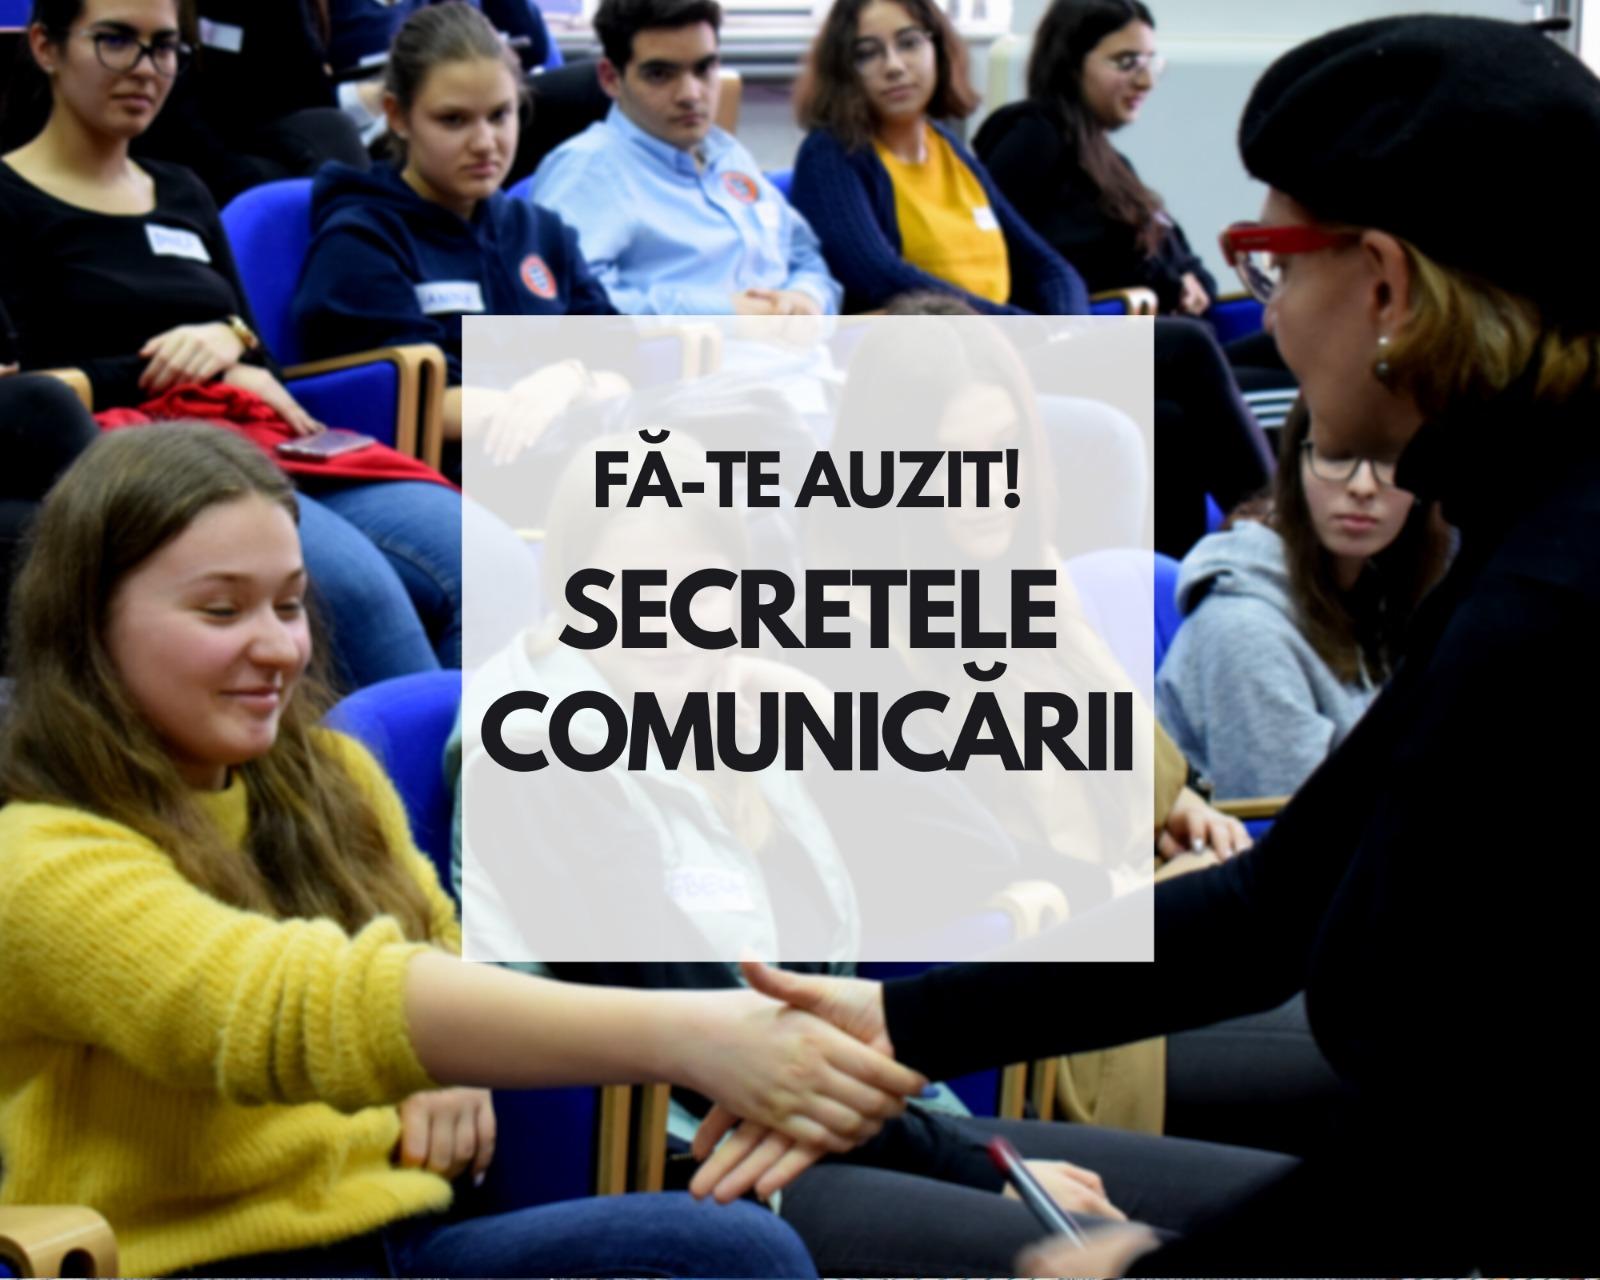 Fa-te auzit! Secretele comunicarii